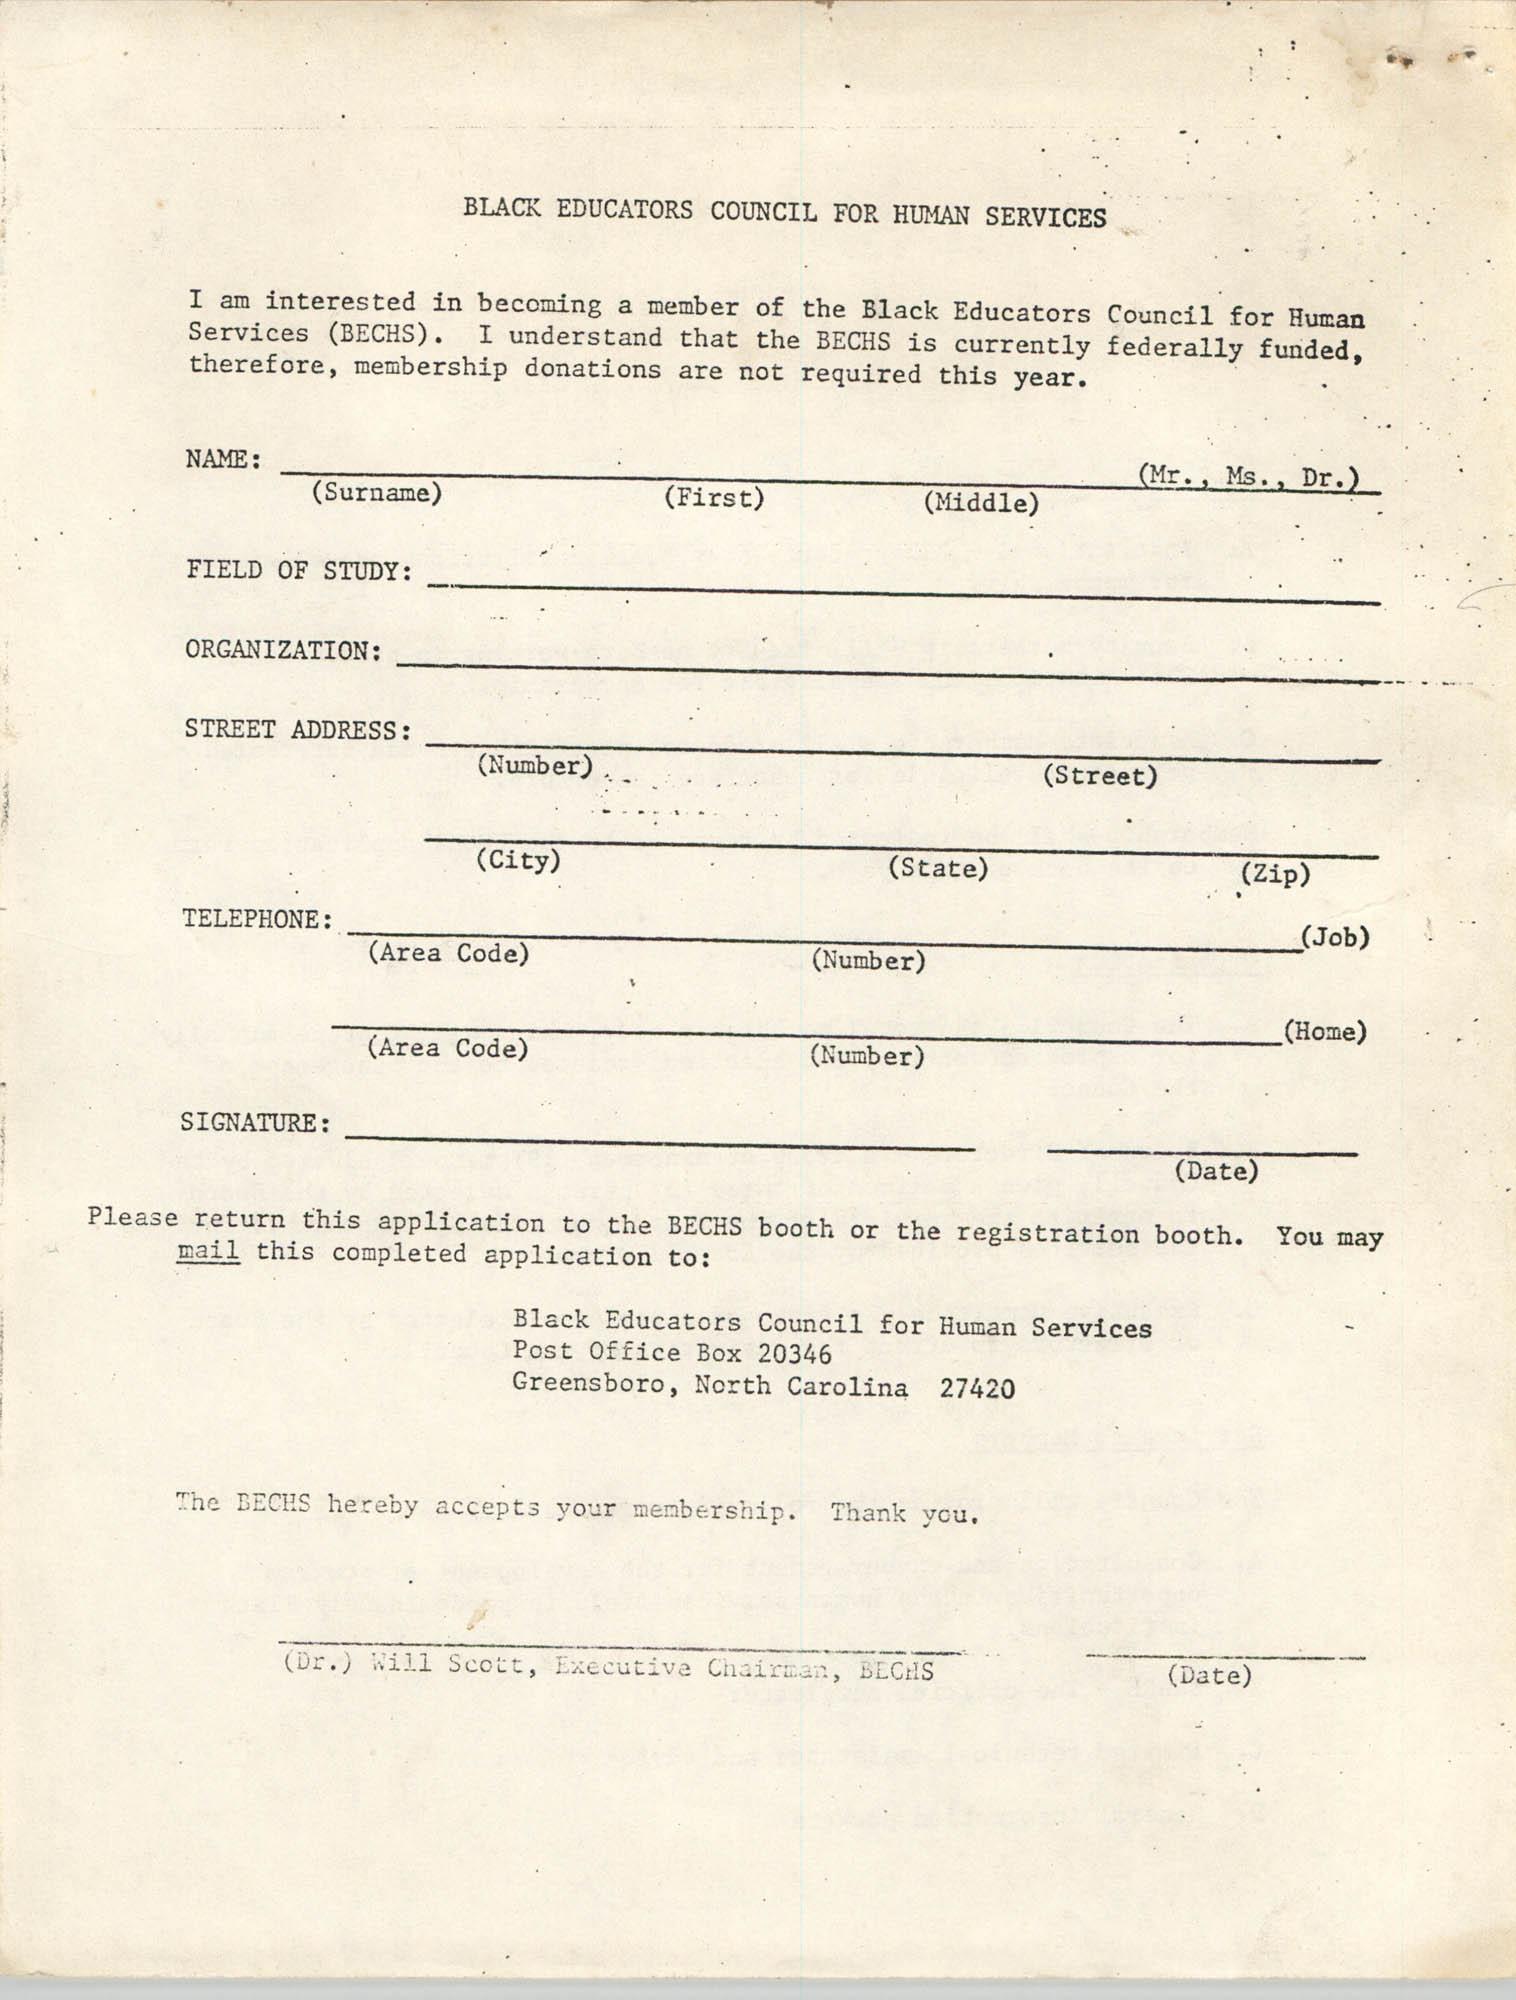 SHARE, Volume I, Number 8, April 1973, Page 42